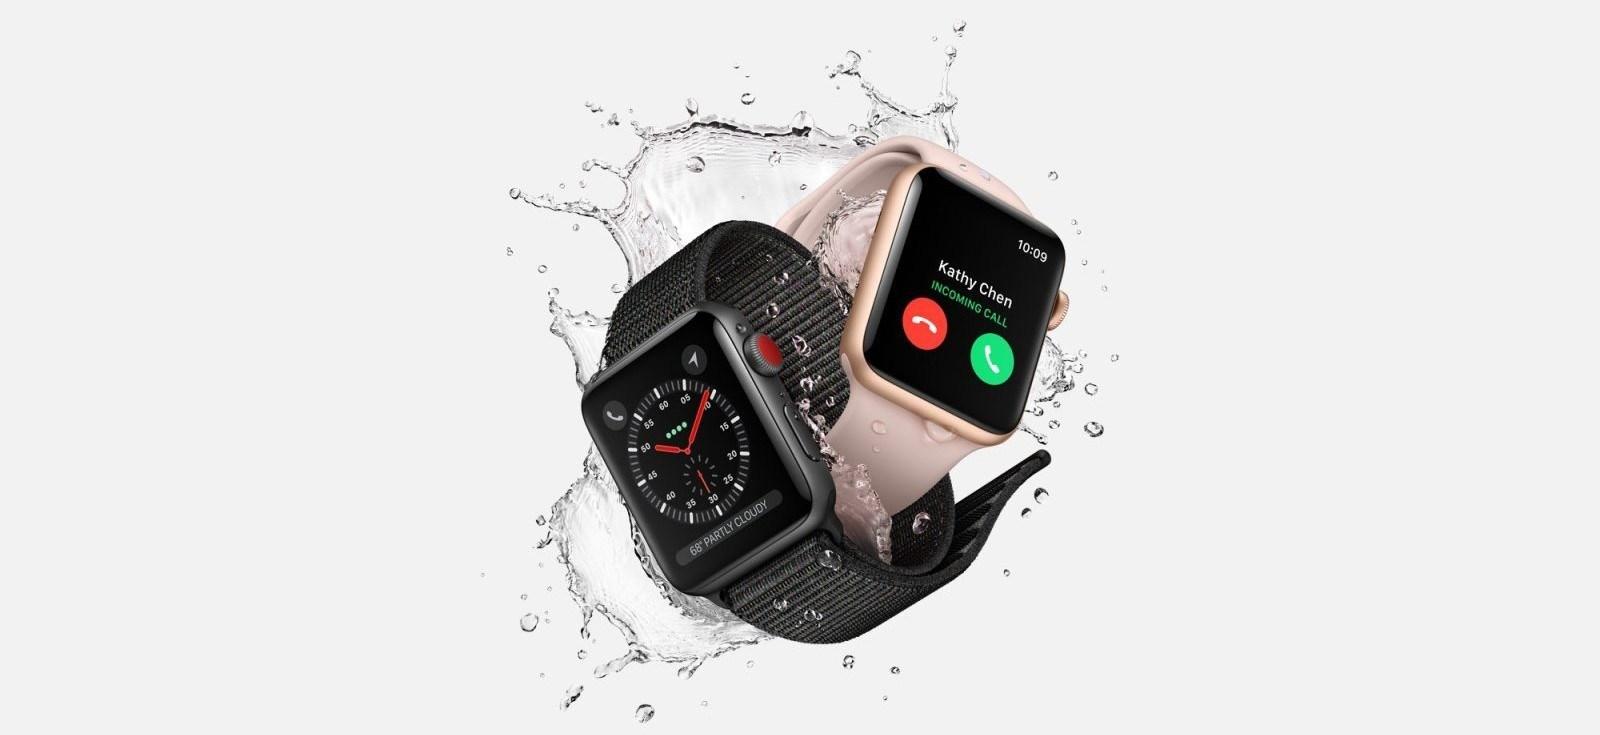 Nola gehitu eta erreproduzitu musika Apple Watch